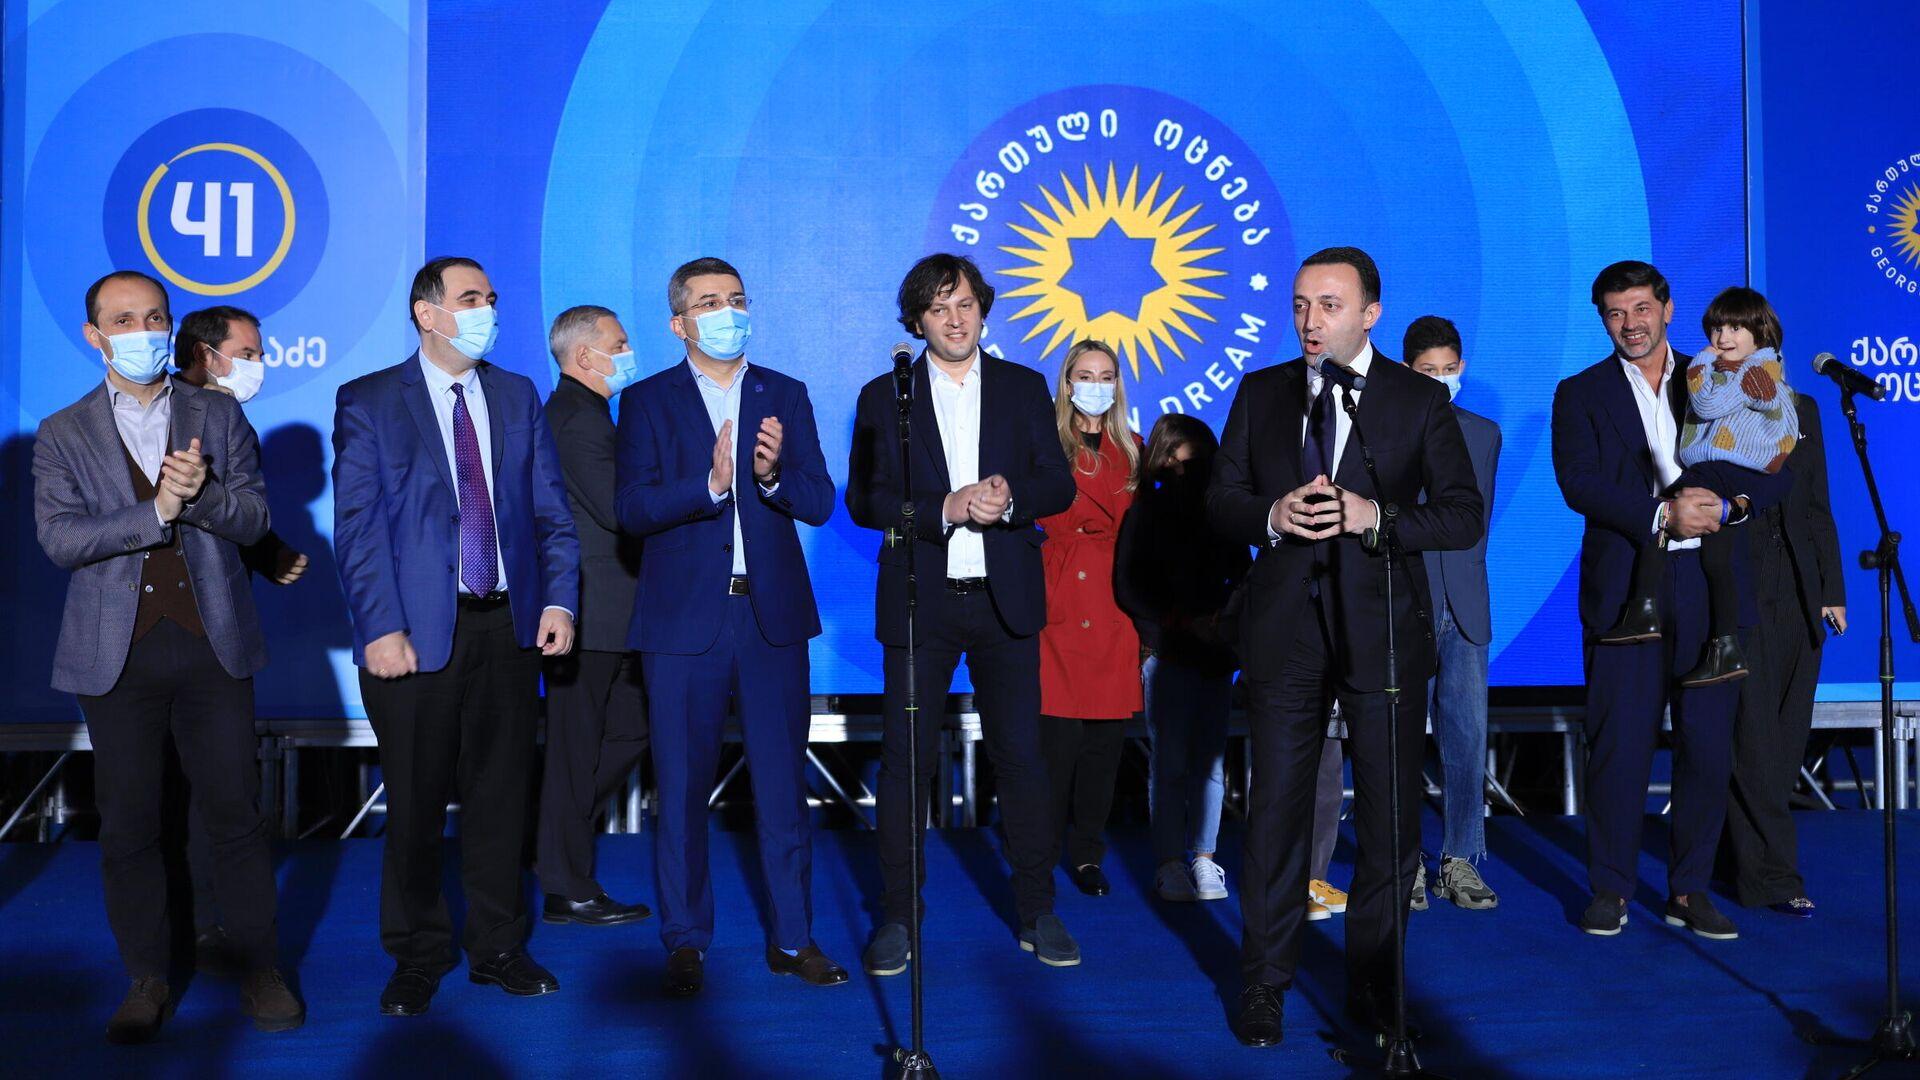 Ираклий Гарибашвили выступает перед сторонниками у офиса Грузинской мечты после местных выборов - Sputnik Грузия, 1920, 02.10.2021